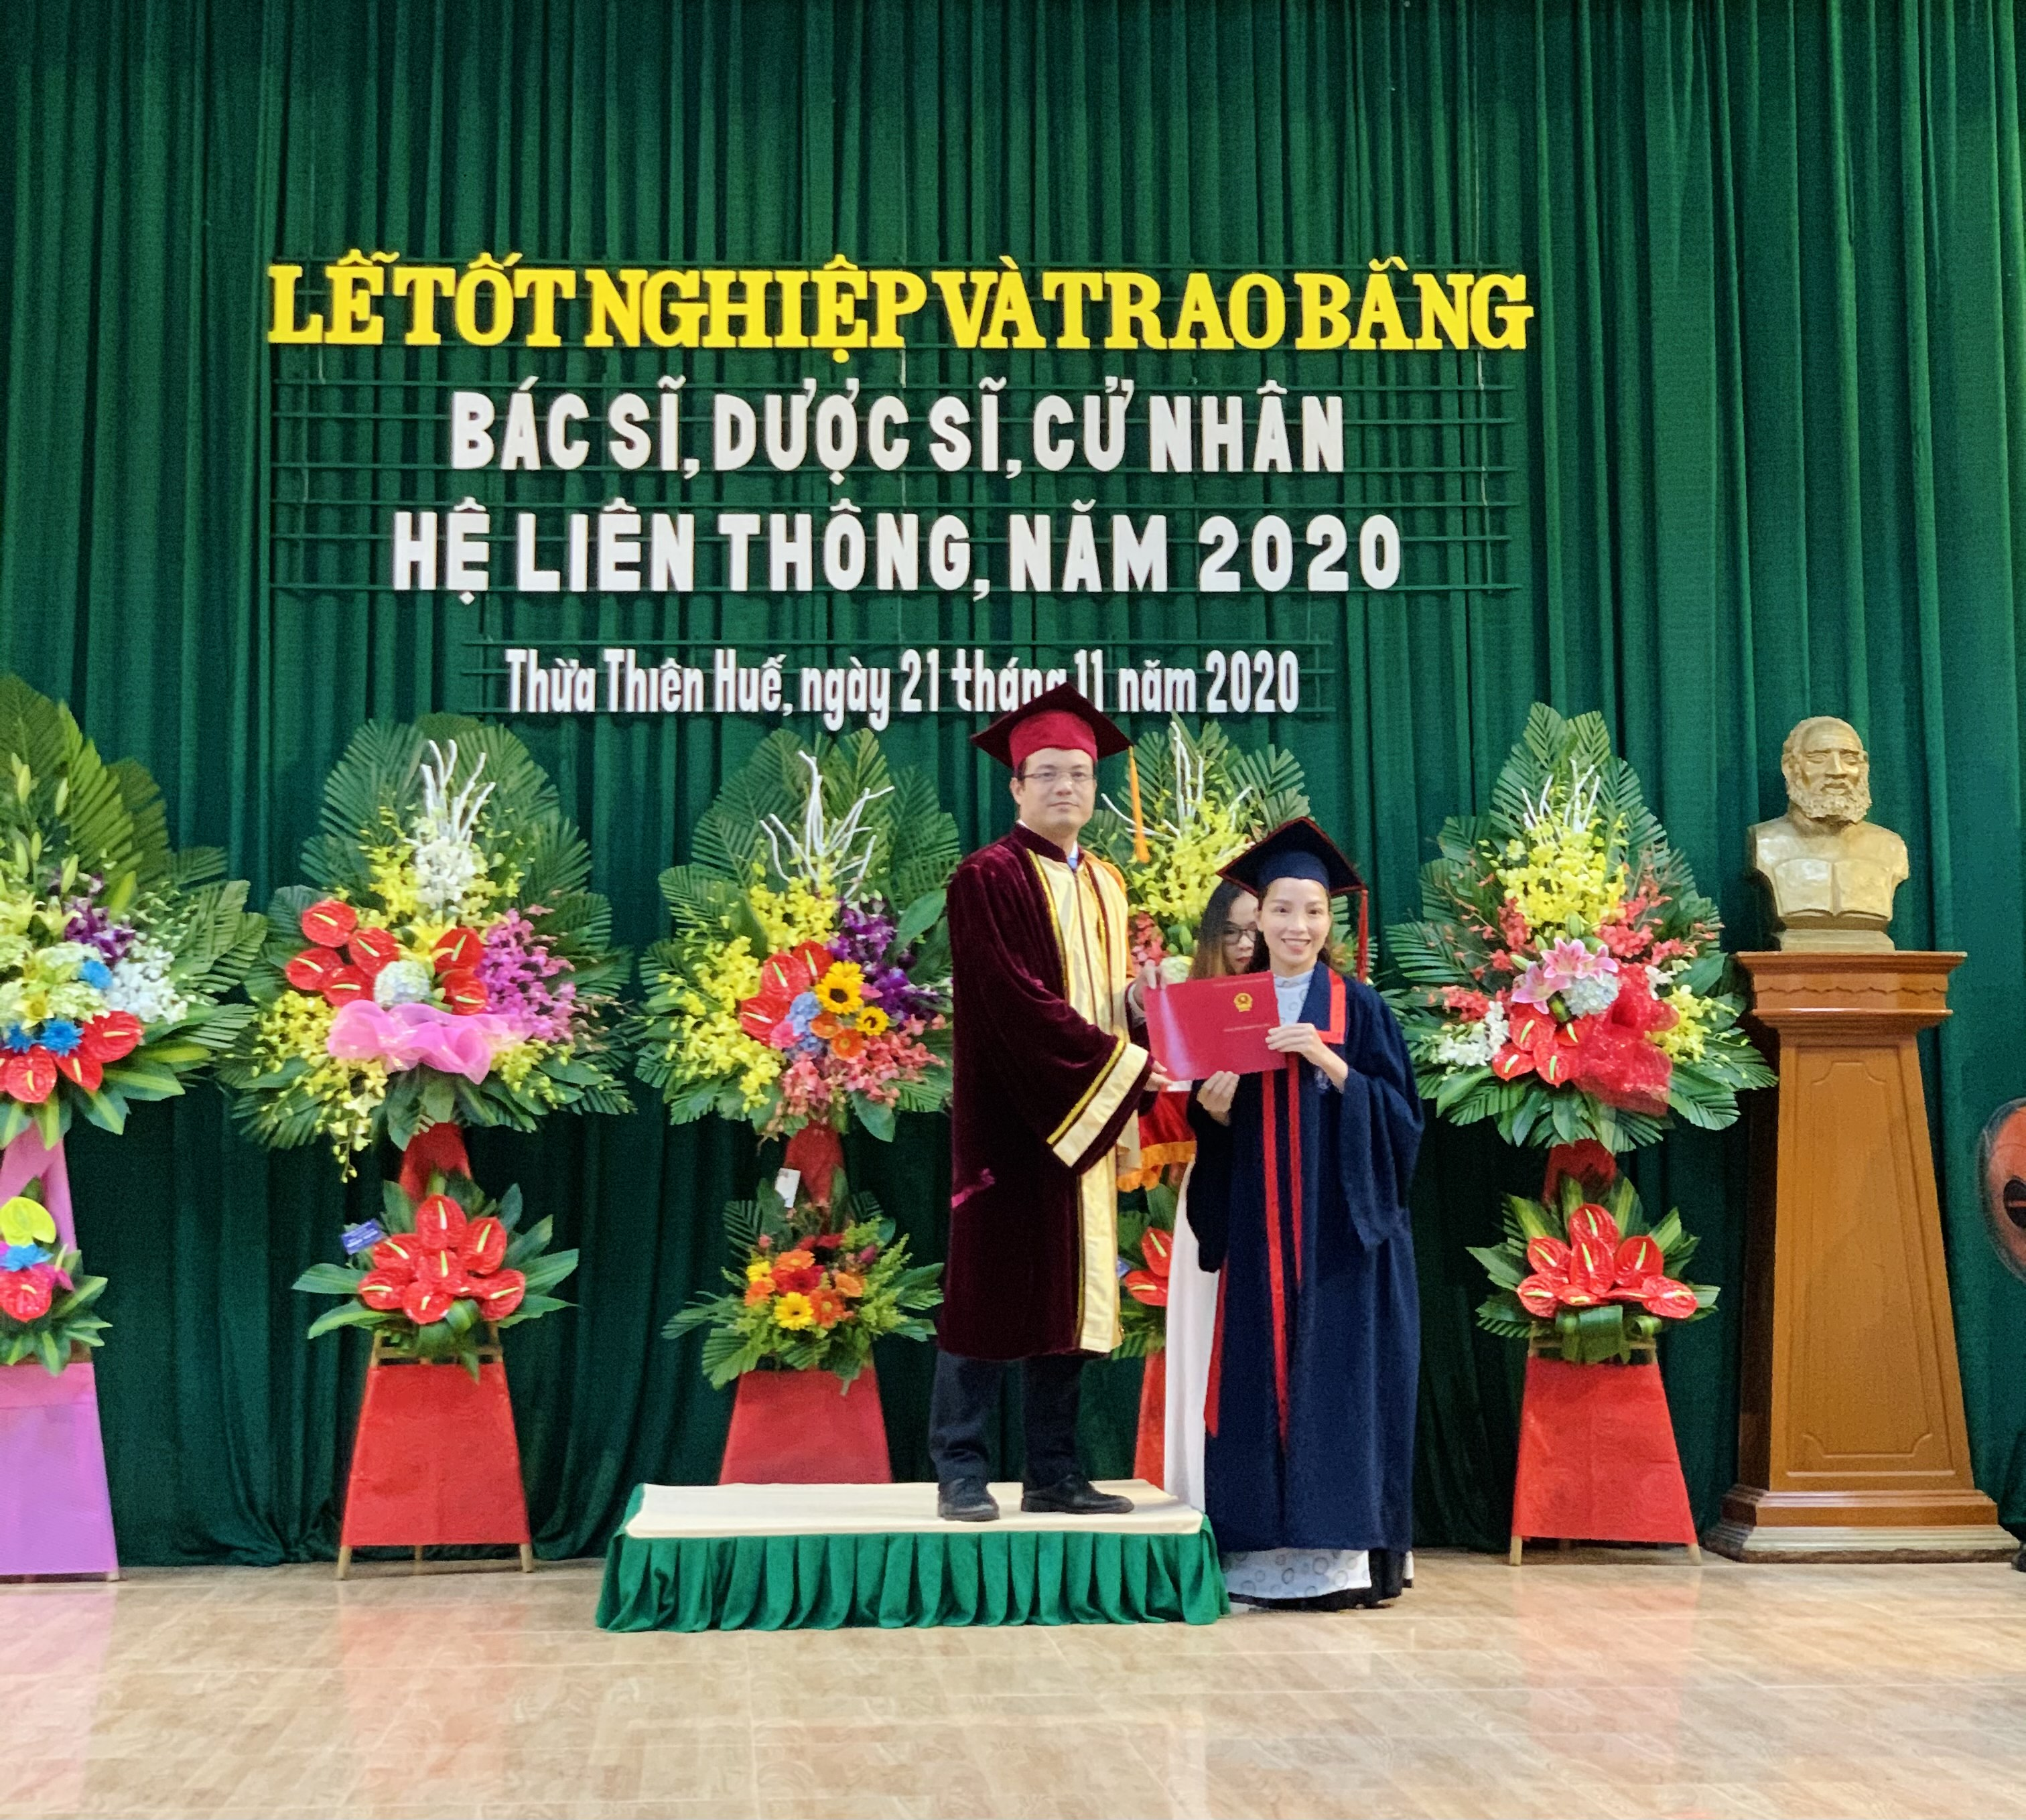 Lễ Tốt nghiệp và trao bằng tốt nghiệp đại học hệ liên thông năm học 2019-2020